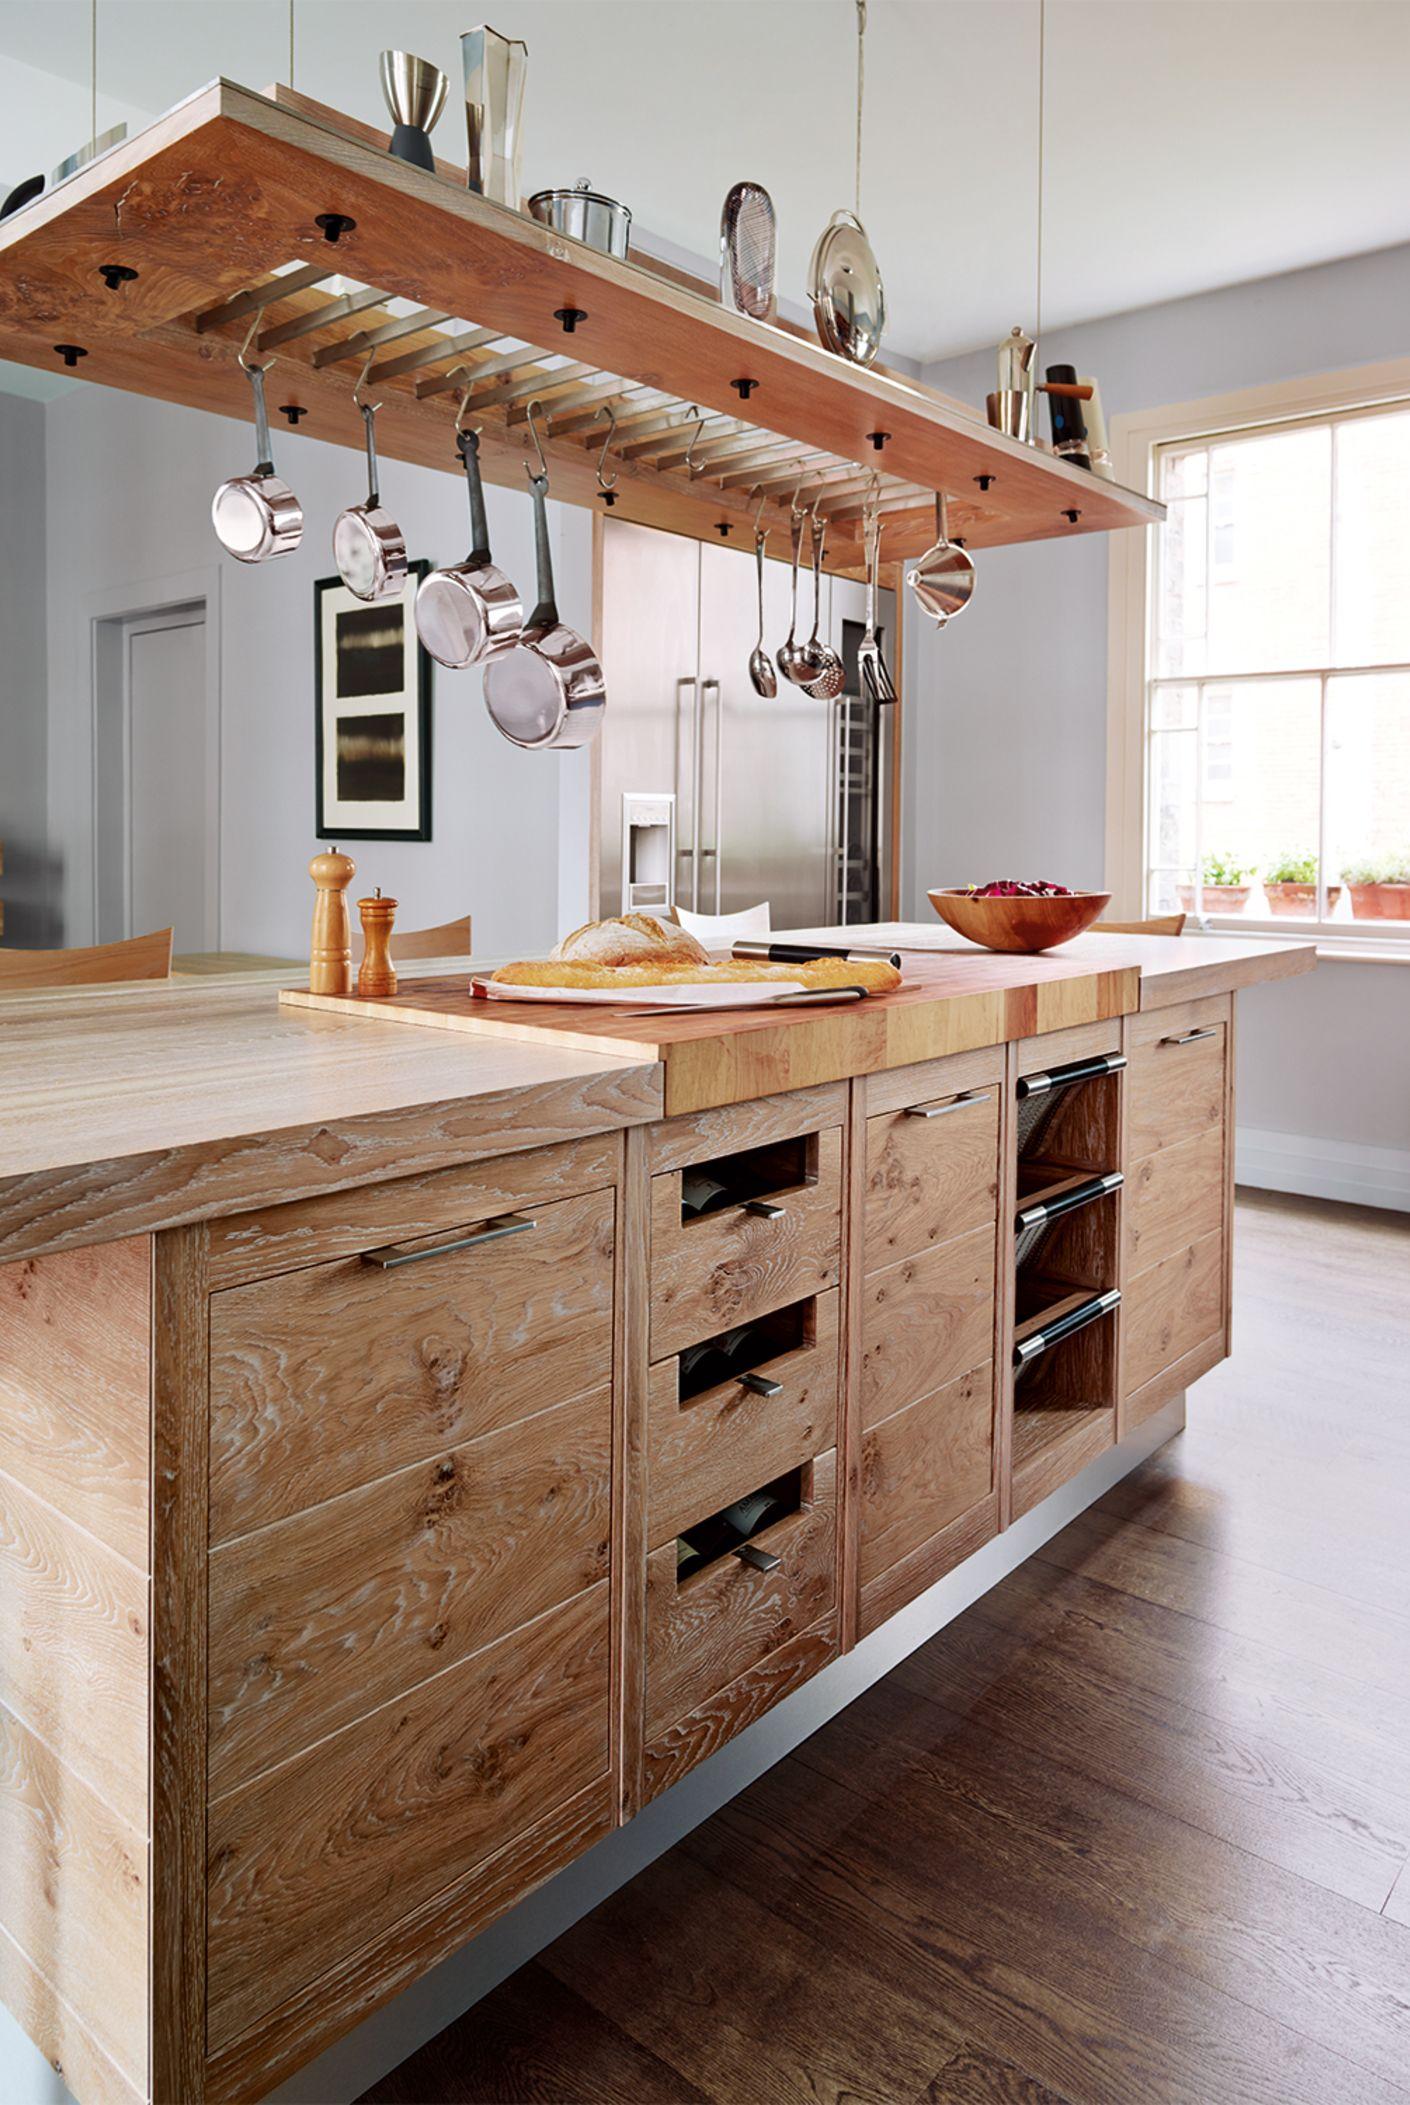 2 Smallbone Of Devizes Brasserie Kitchen Contemporary Hand Painted Kitchen Design Oak Kitchen Cabinets Kitchen Renovation